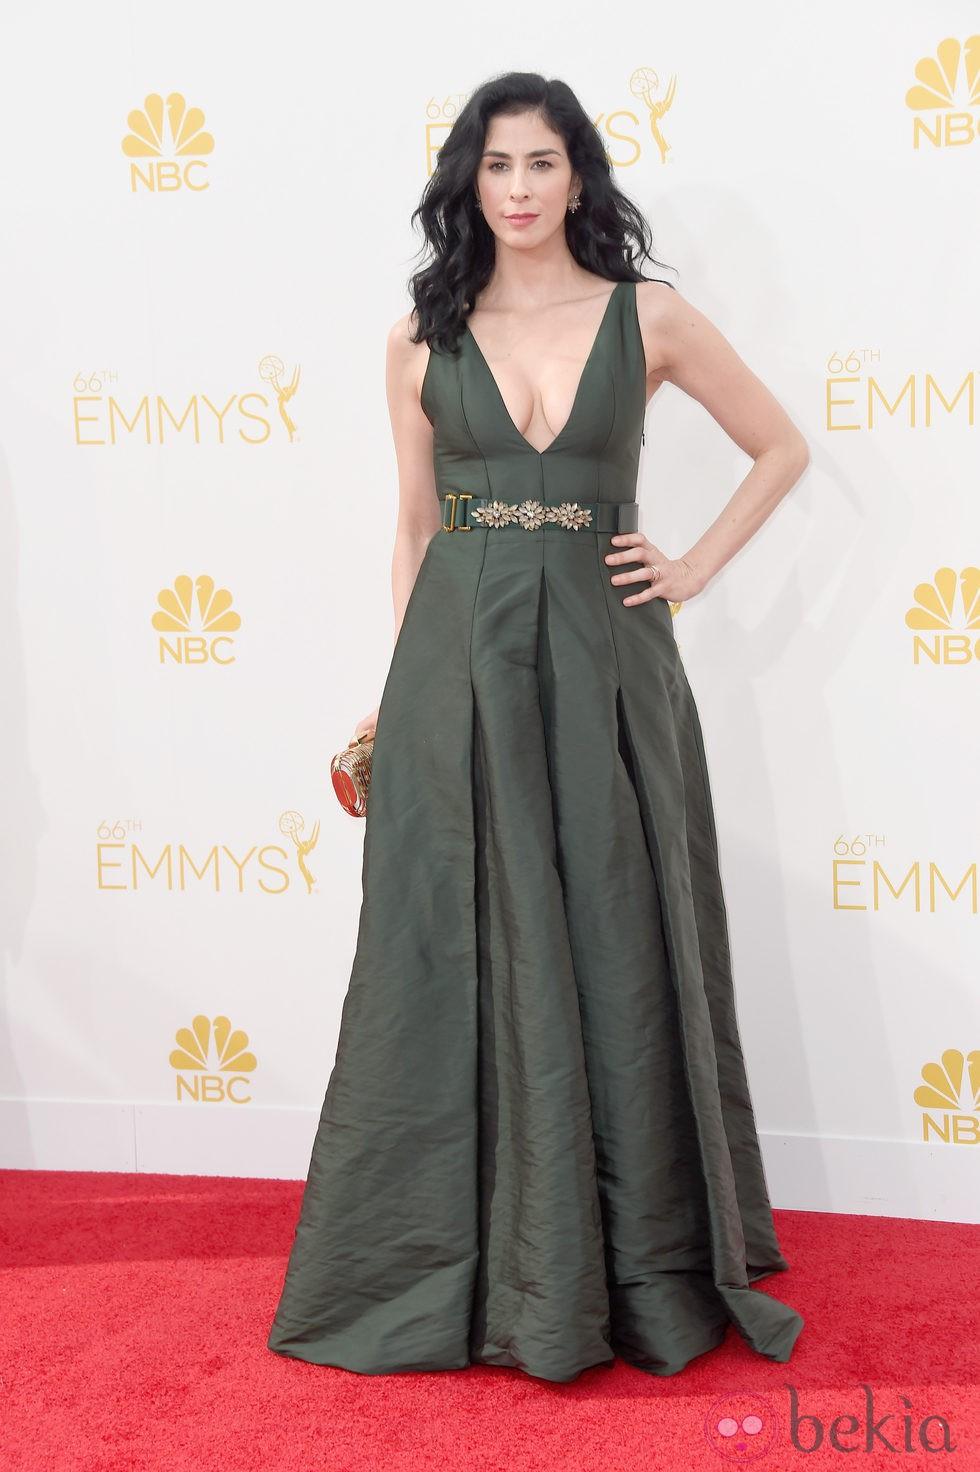 Sarah Silverman en la red carpet de los Emmys 2014